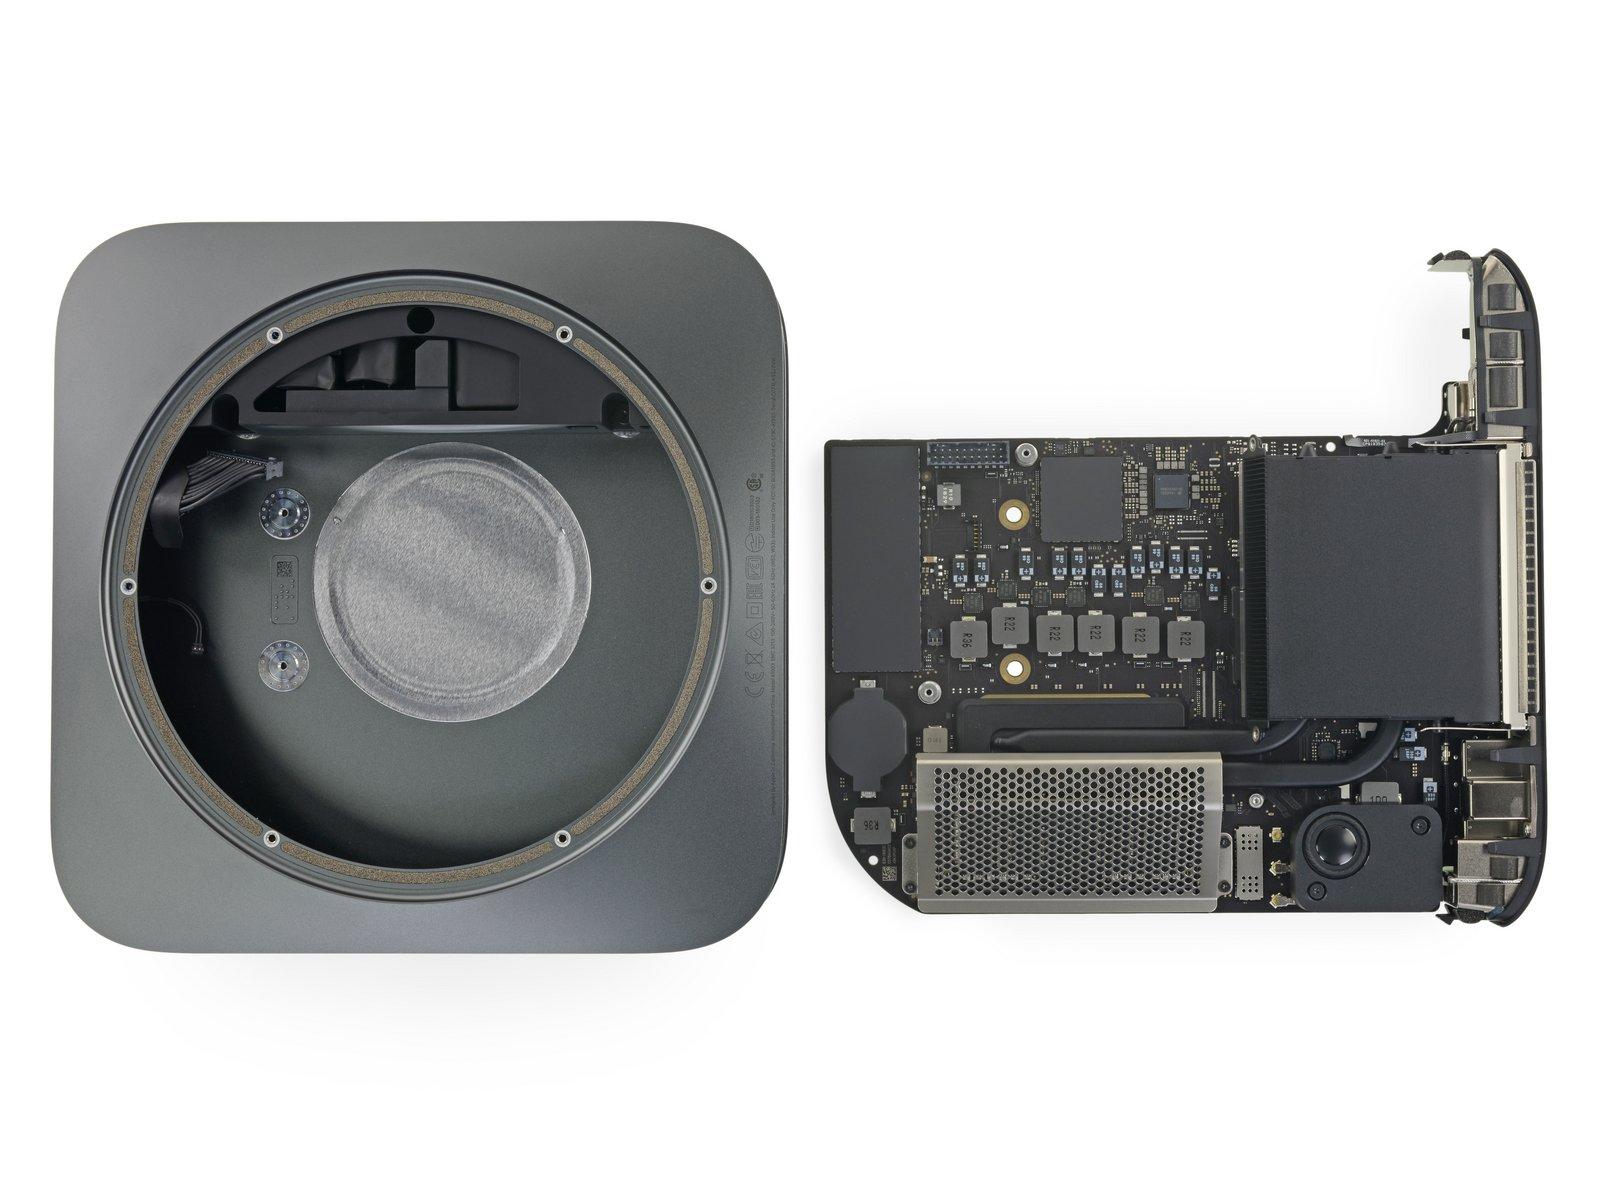 Эксперты оценили ремонтопригодность нового Mac Mini - фото 100 | Сервисный центр Total Apple